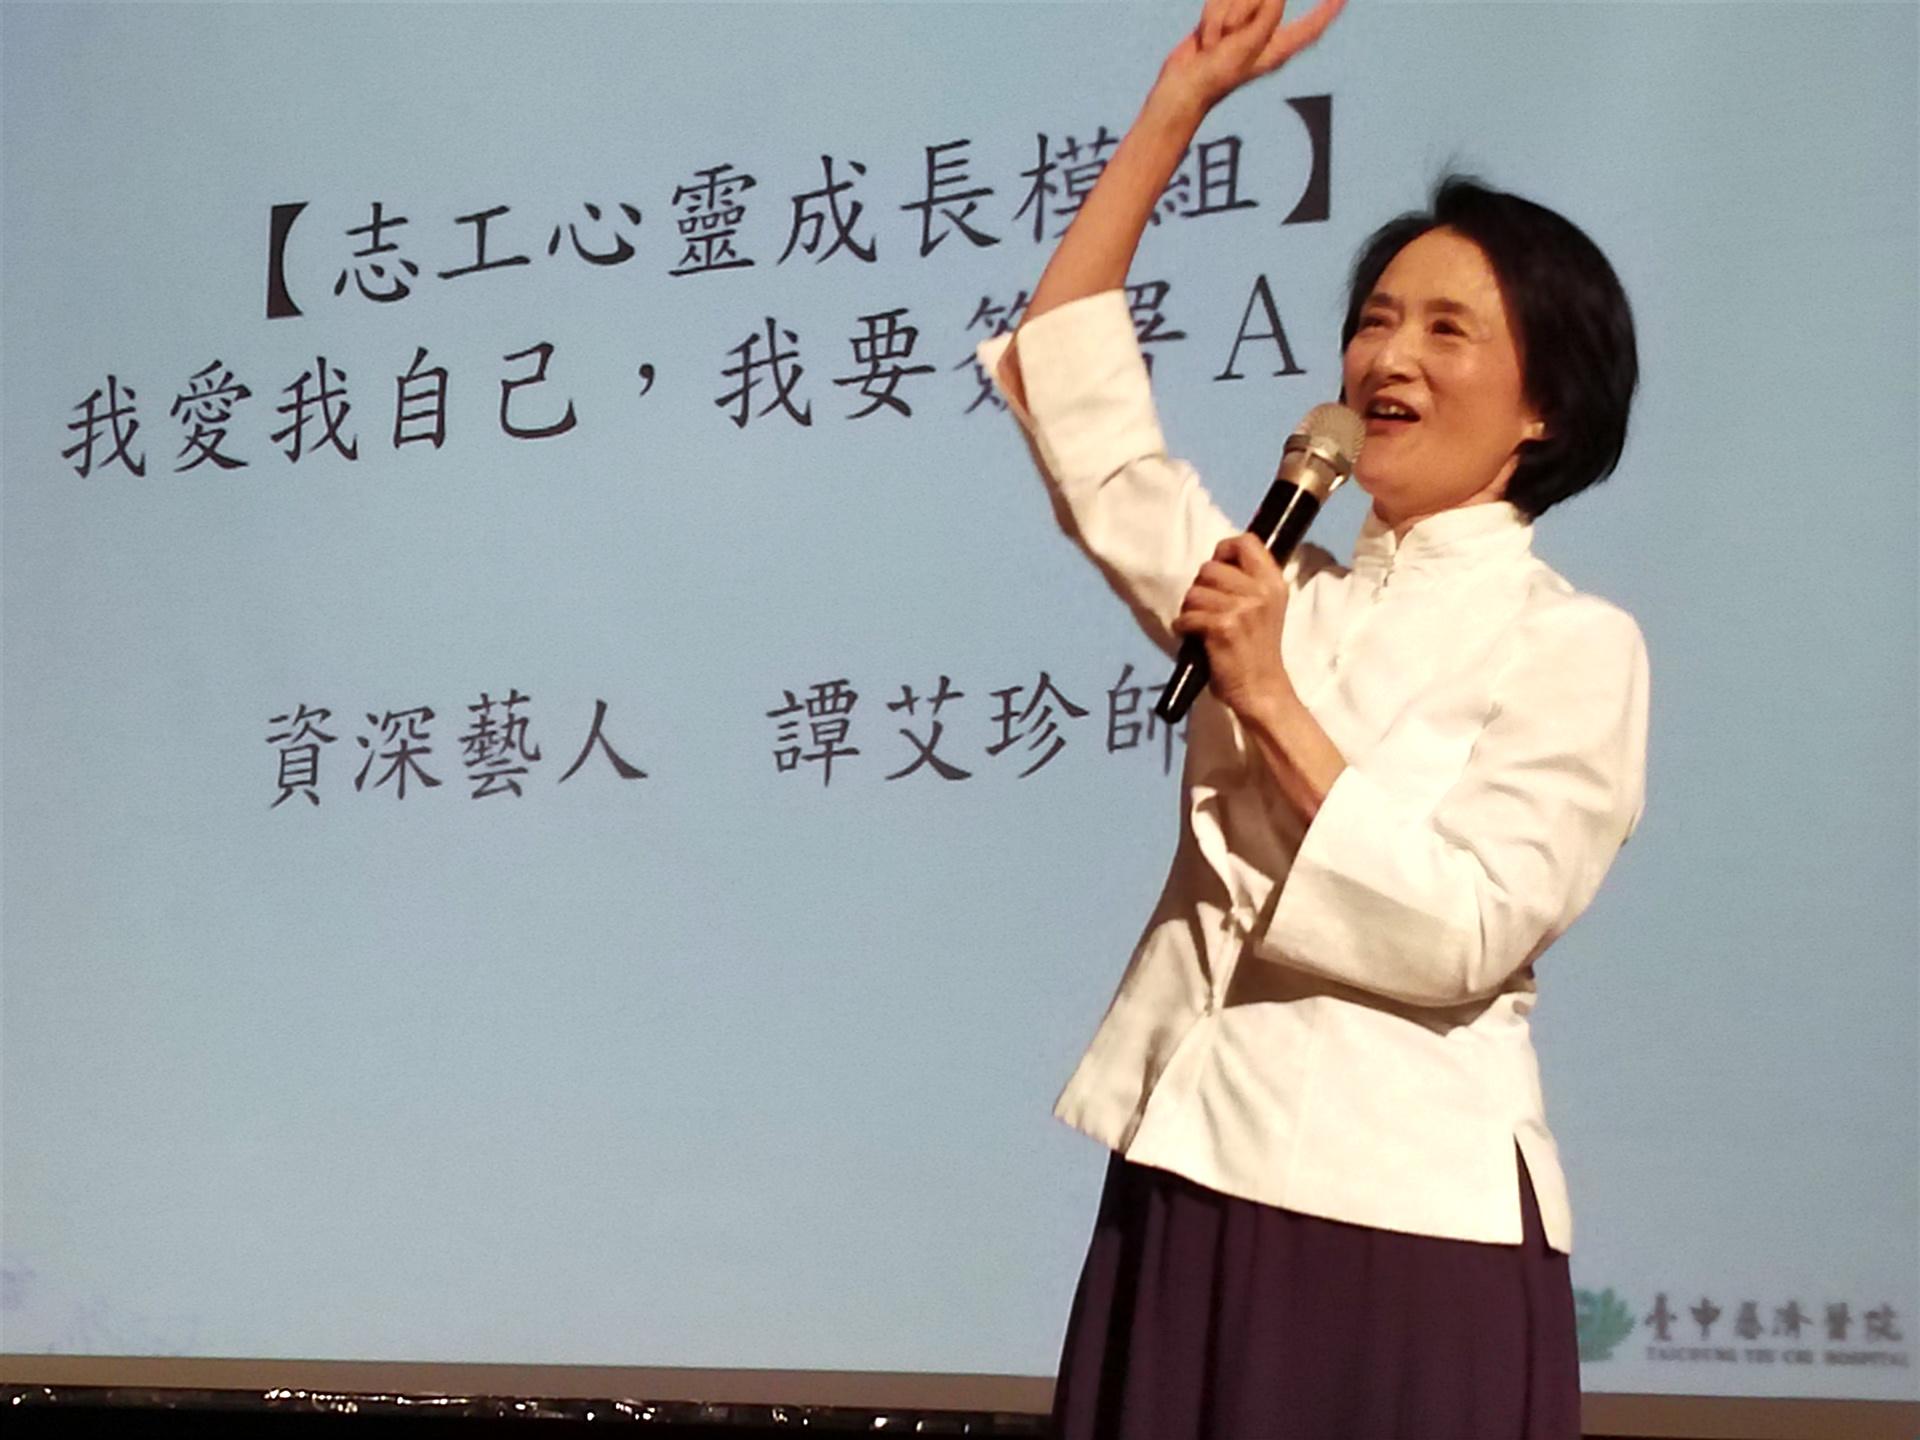 譚艾珍演講生動活潑。